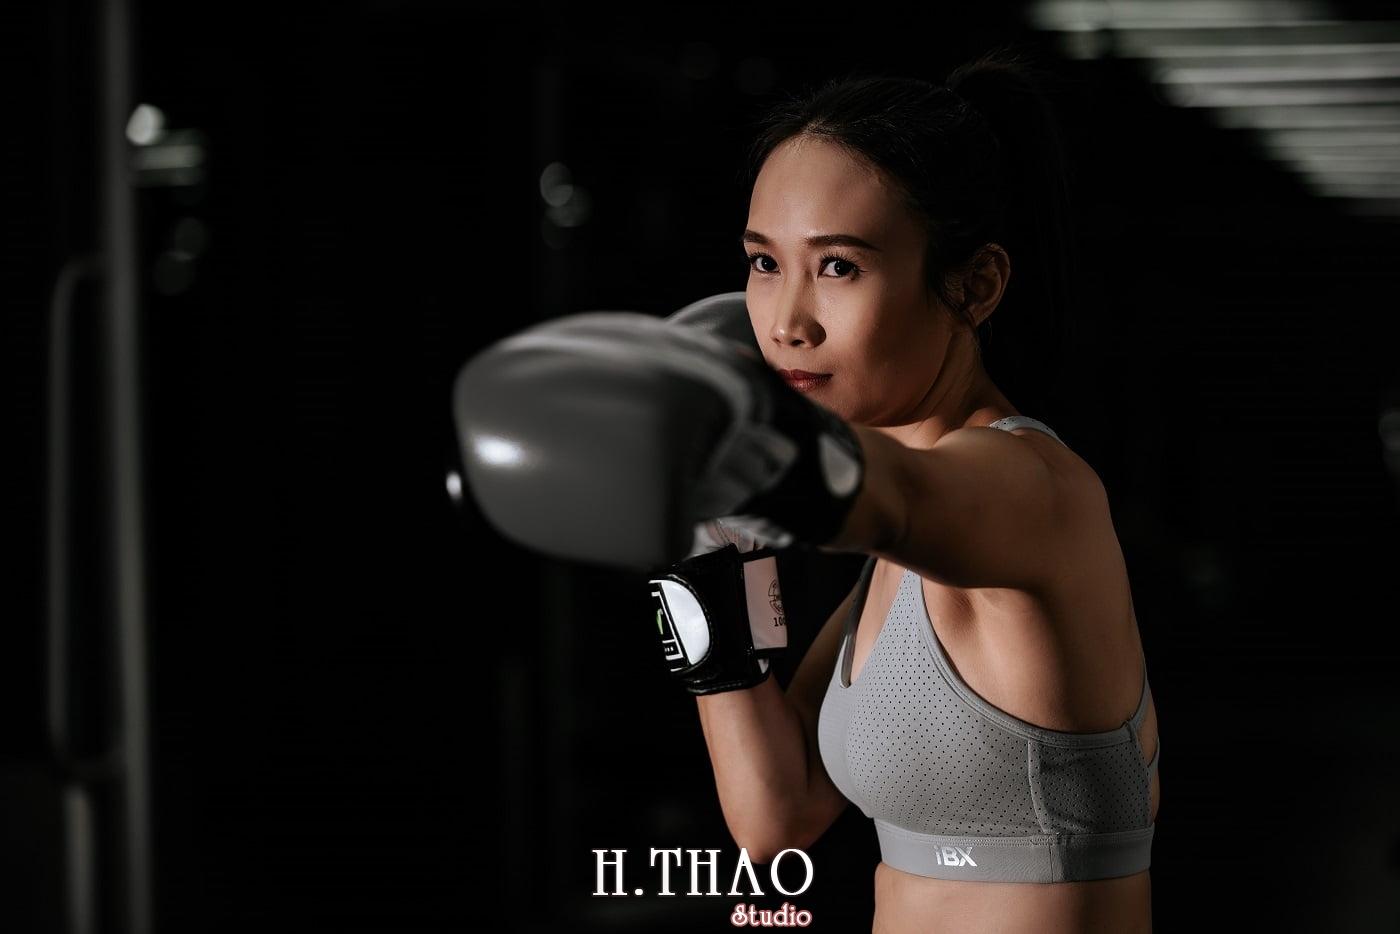 Anh chi Ngoc 36 min - Góc ảnh cô gái mạnh mẽ yêu thích Boxing – HThao Studio